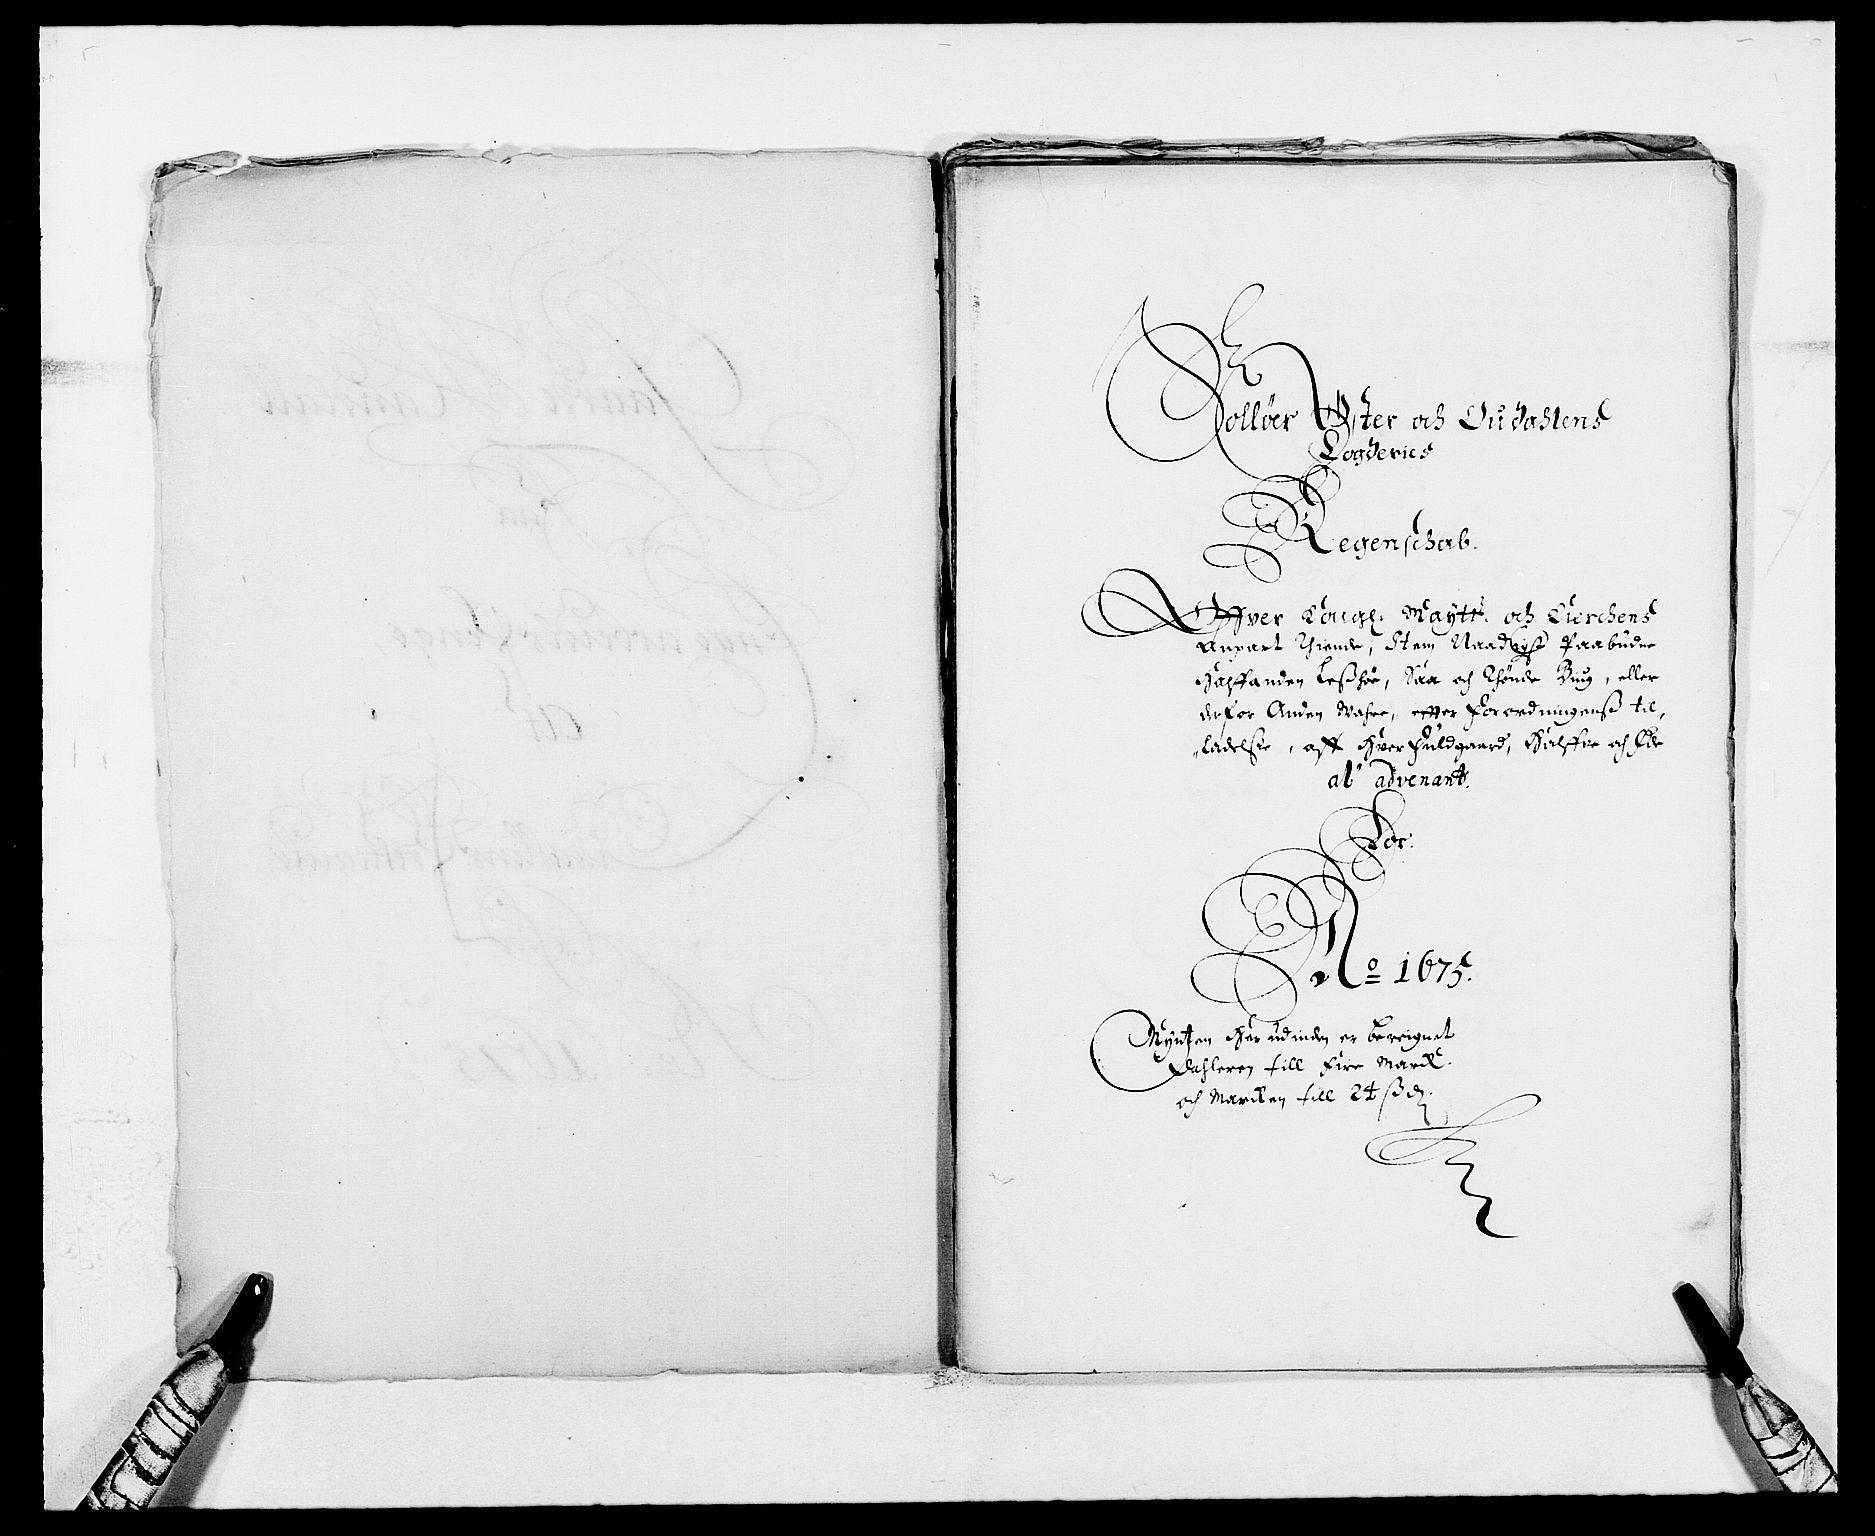 RA, Rentekammeret inntil 1814, Reviderte regnskaper, Fogderegnskap, R13/L0808: Fogderegnskap Solør, Odal og Østerdal, 1675, s. 2